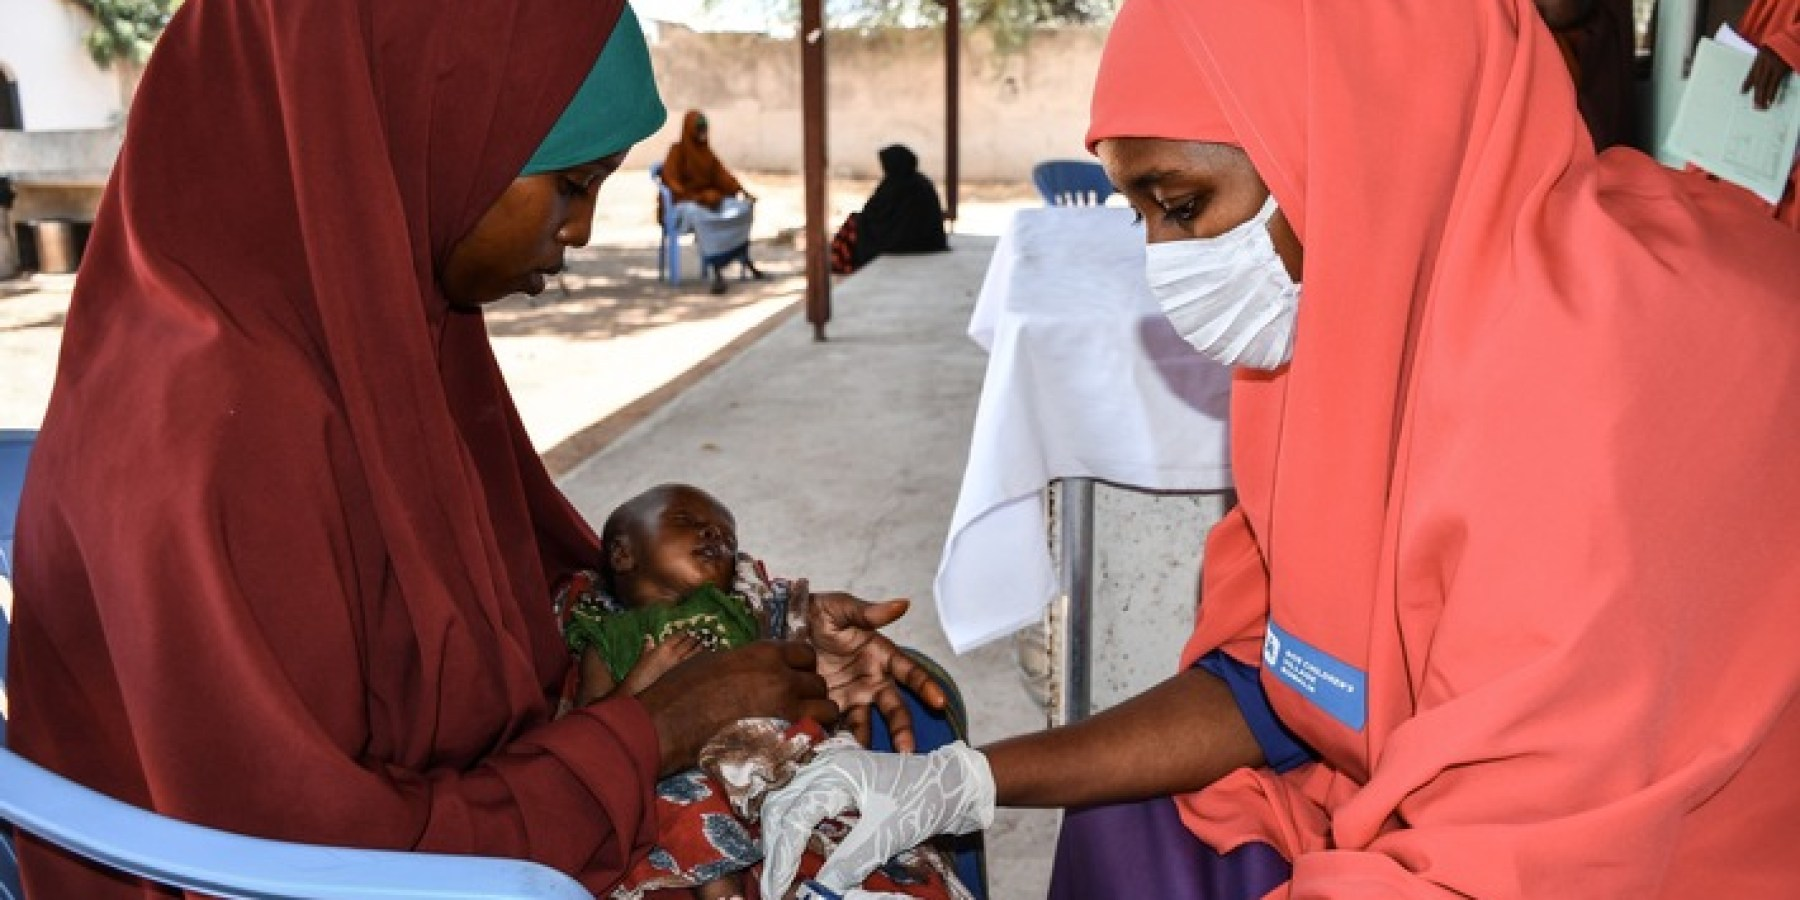 Kinderlähmung, Malaria und HIV könnten wieder zunehmen – Zusammenbruch der Gesundheitssysteme armer Länder